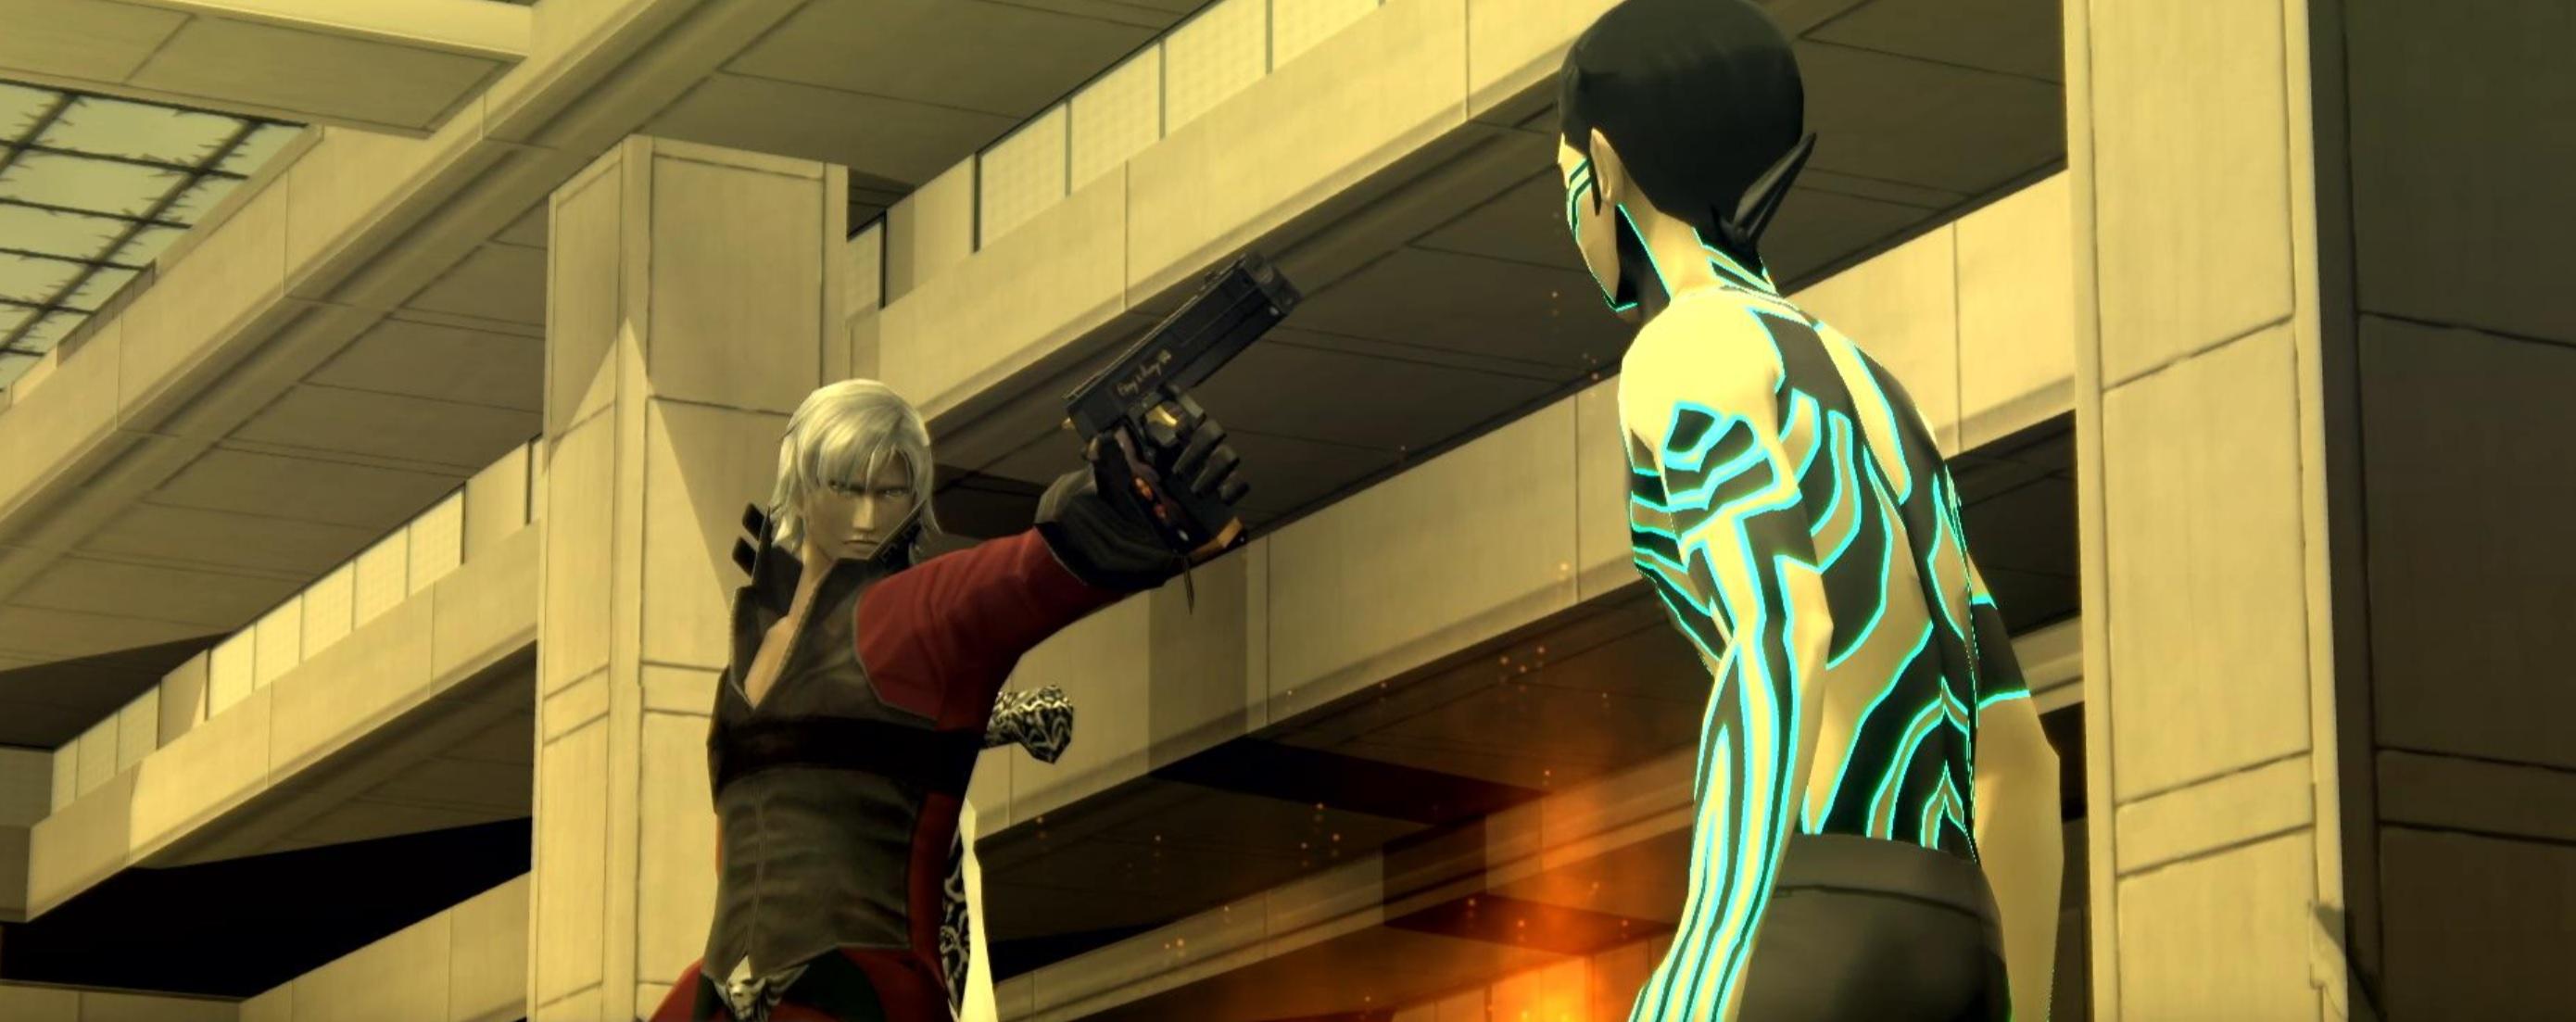 Shin Megami Tensei III HD director: 'Dante was part of our original project proposal' screenshot